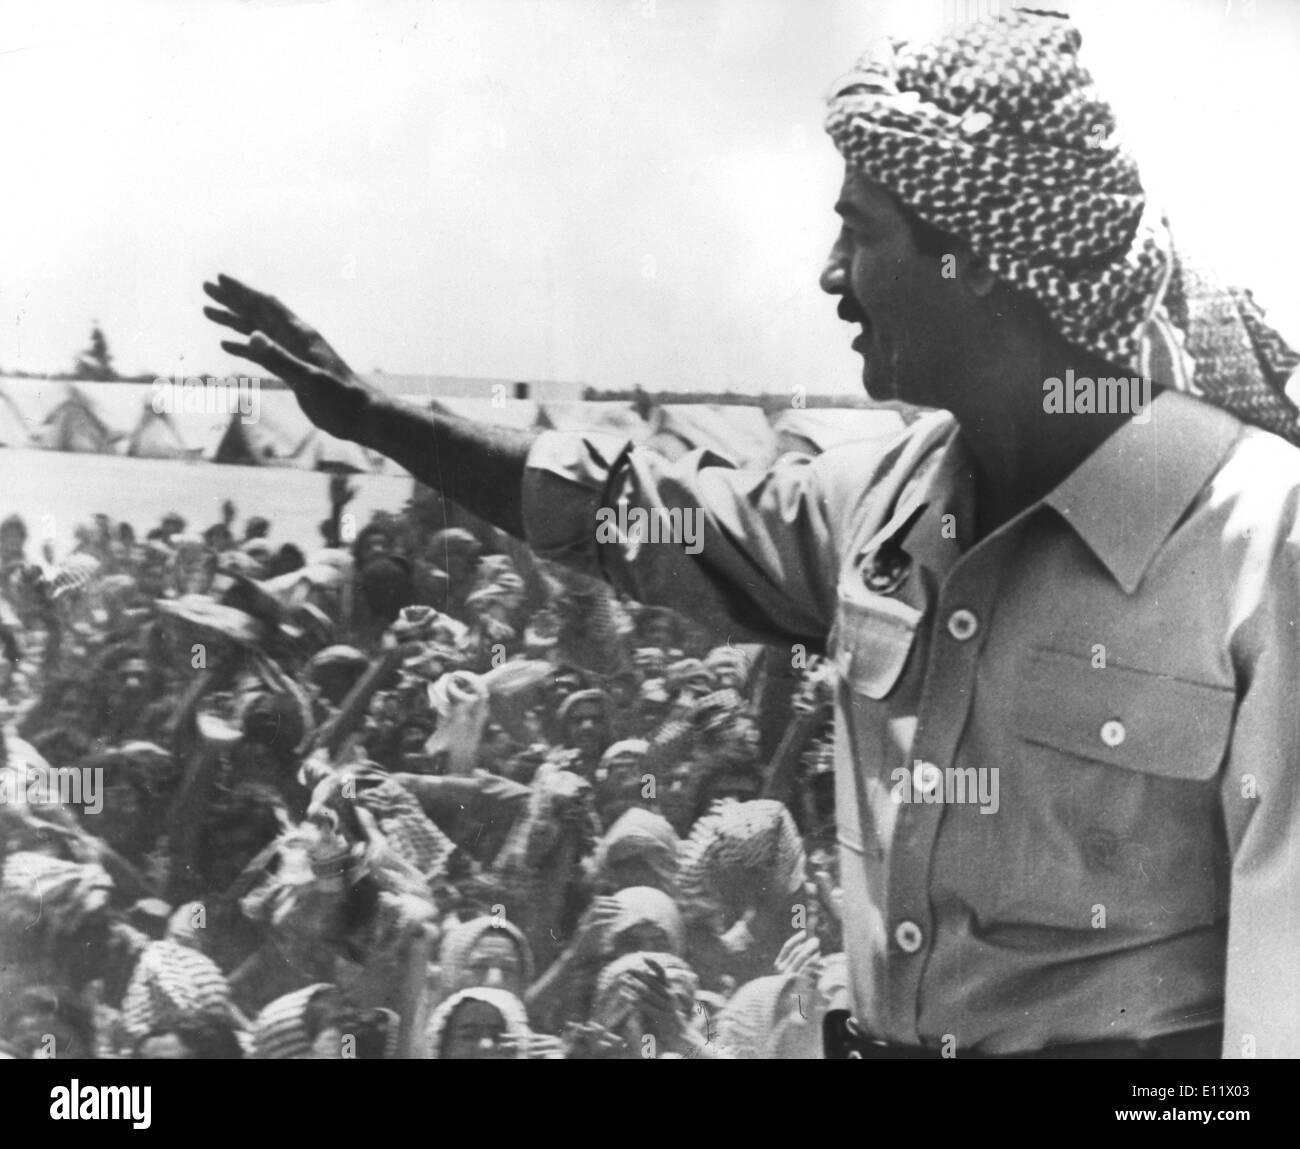 Irak Saddam Hussein dirigiéndose a los miembros de sus fuerzas armadas, poco antes de la invasión de Irán Imagen De Stock